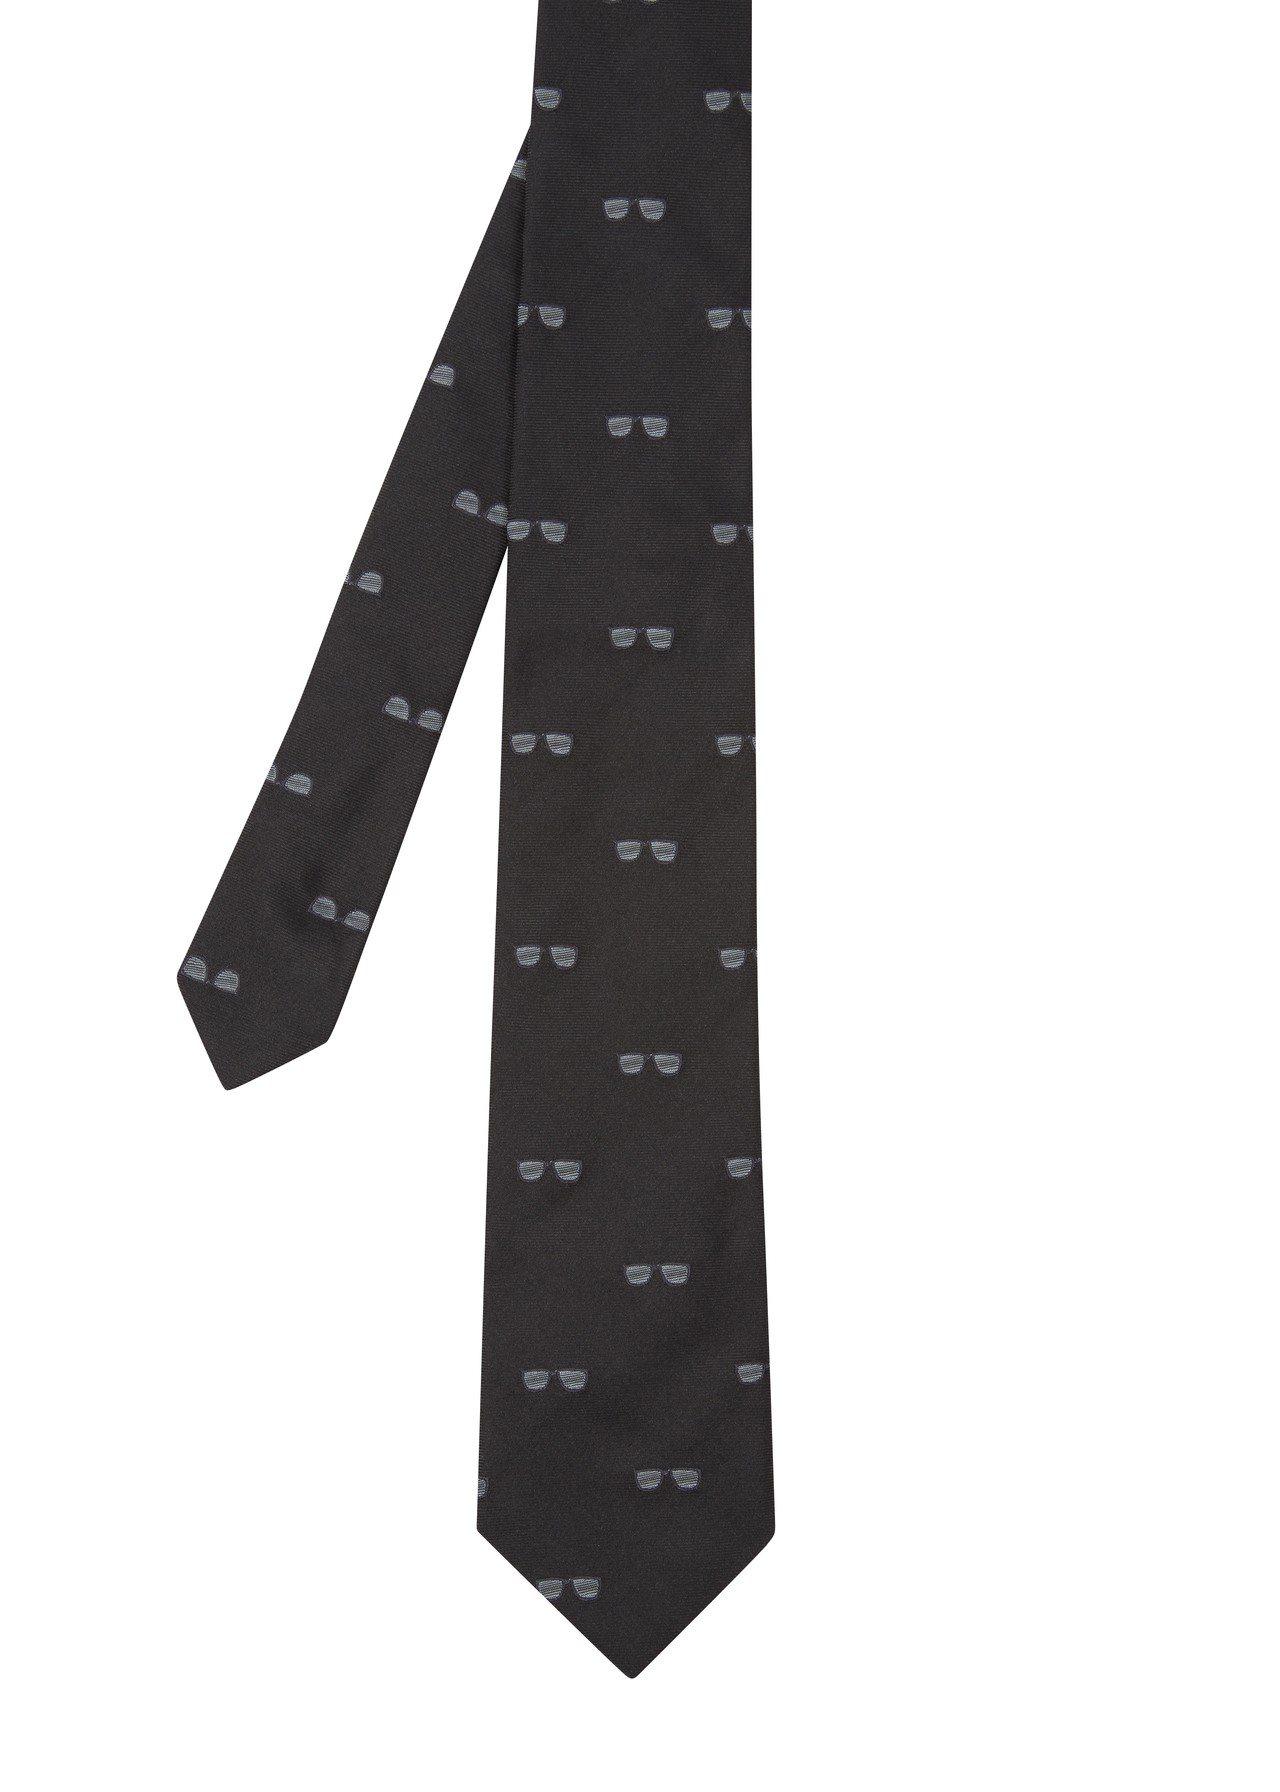 《MIB星際戰警™:跨國行動》限量膠囊系列墨鏡圖騰黑色領帶,7,300元。圖/P...